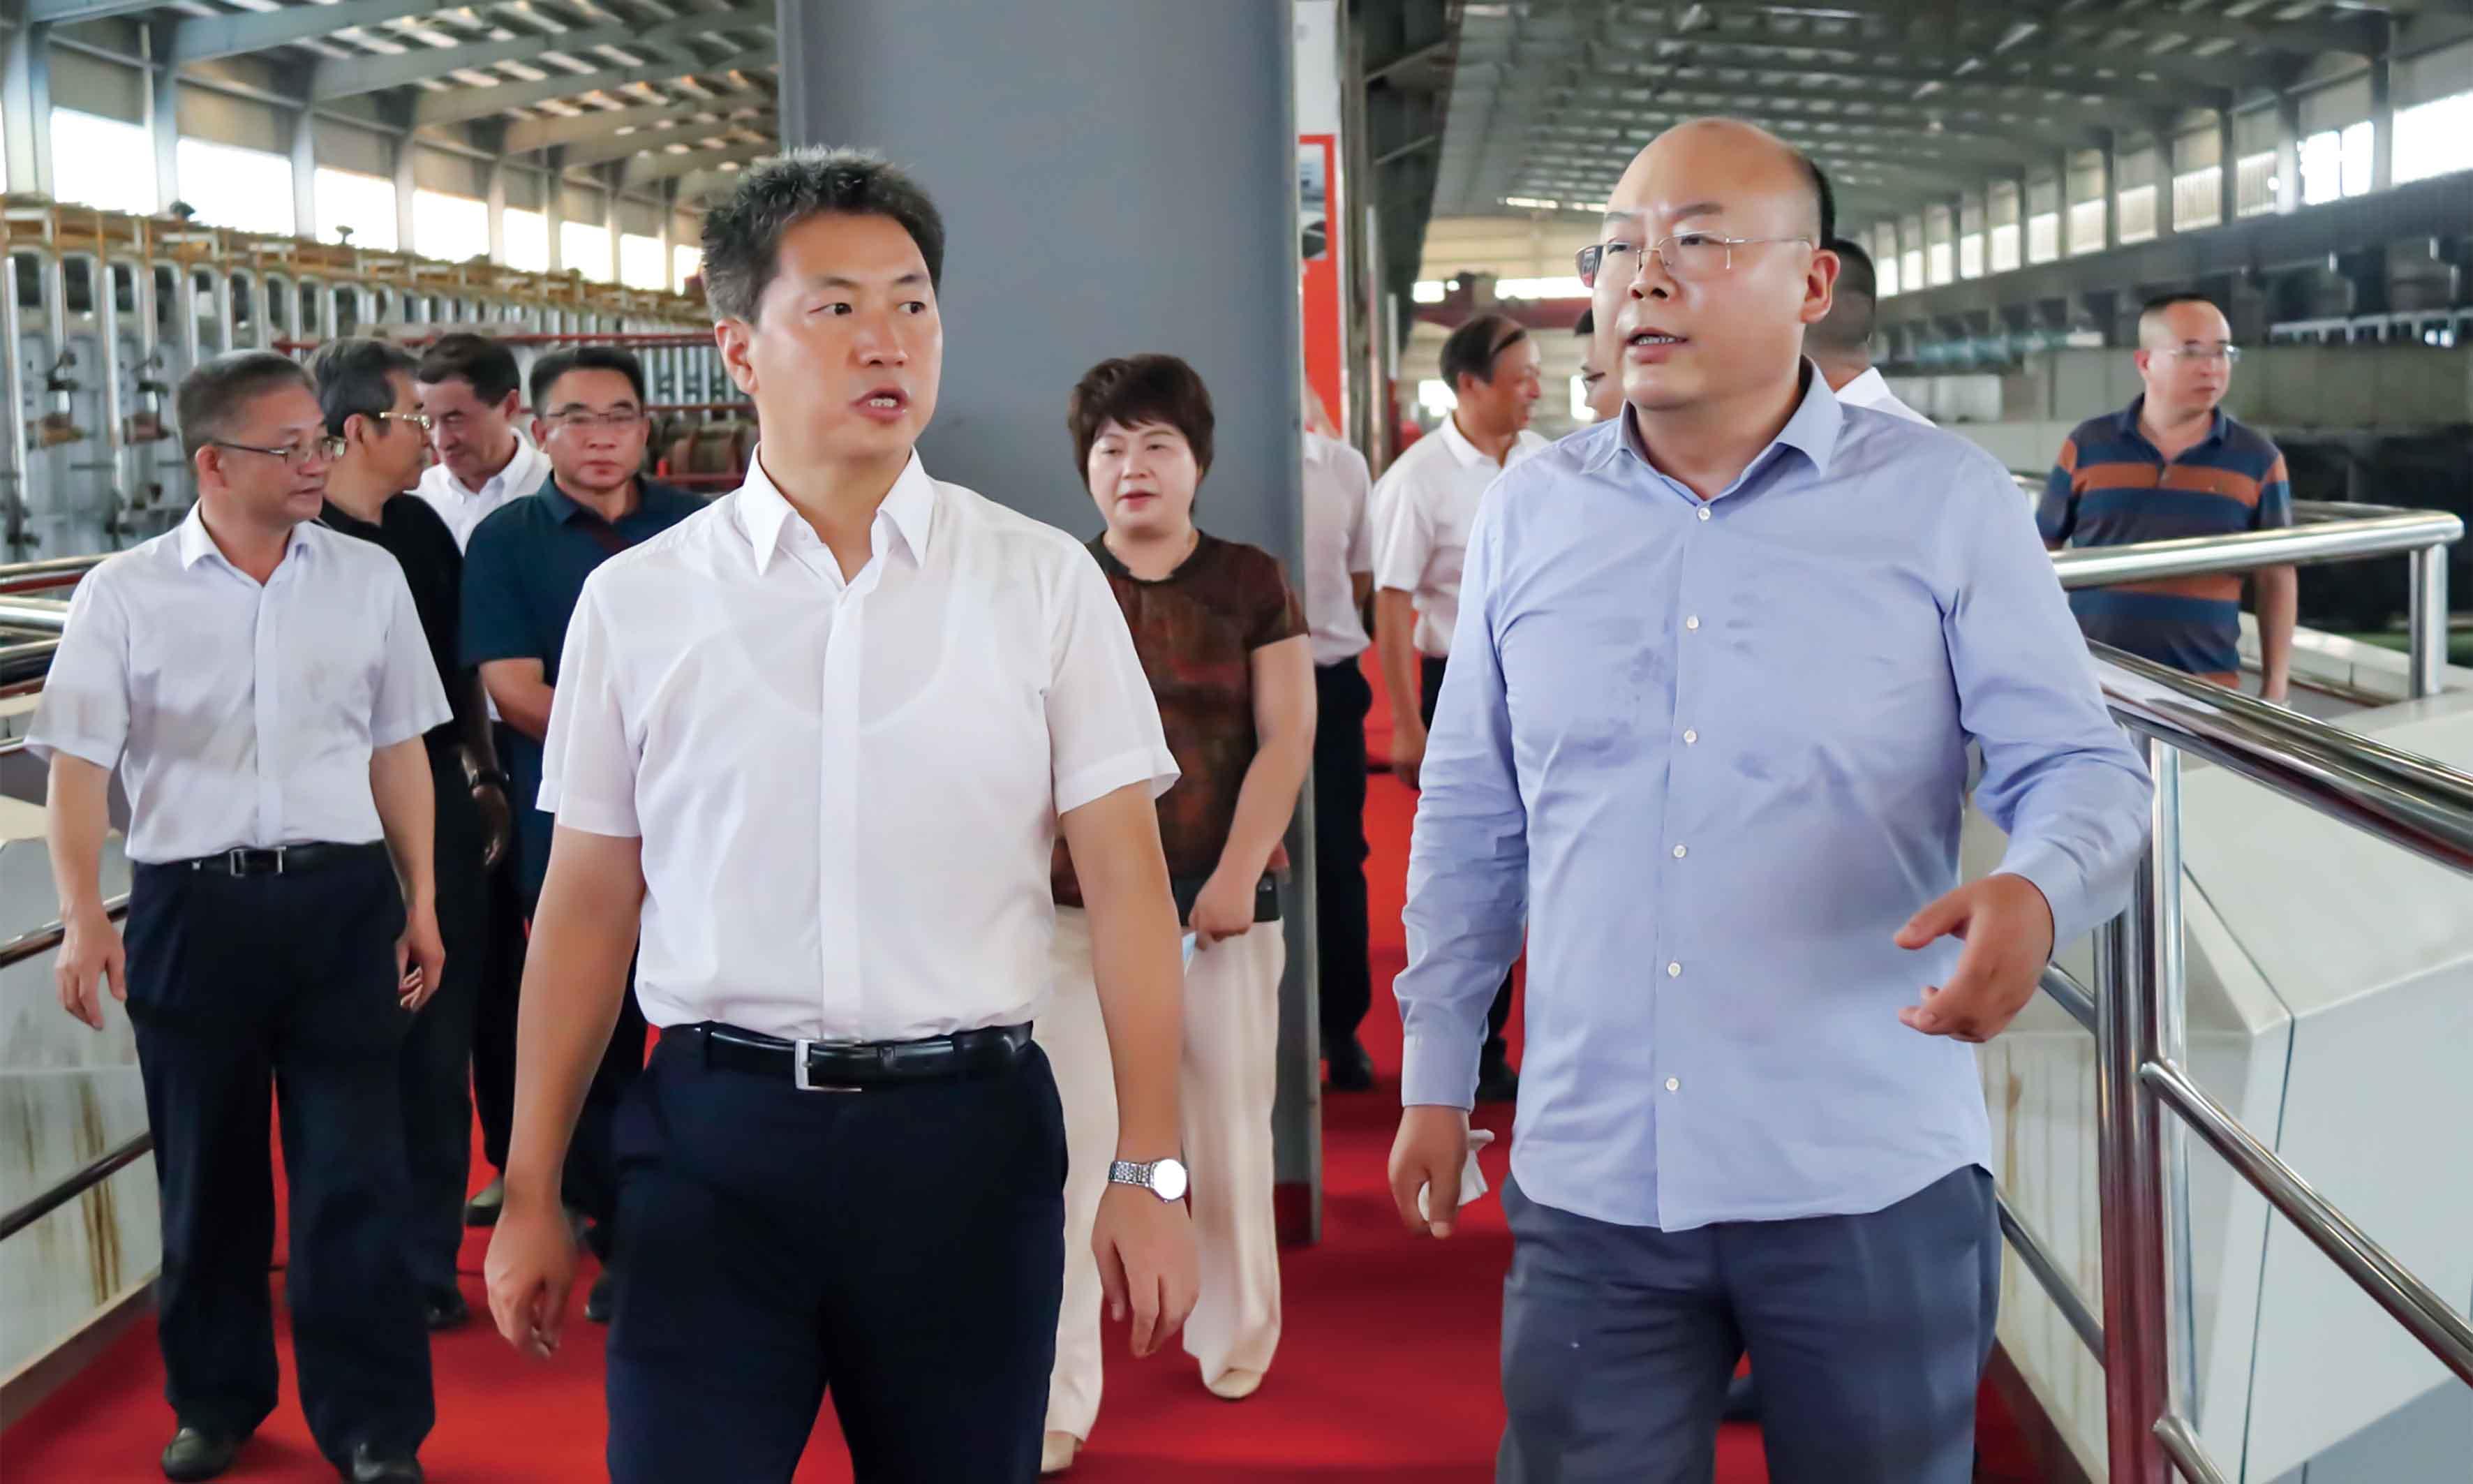 """""""향수와 발전을 말하다"""" 루디시 당위원회 부서기 겸 시장 대리인 Zeng Chaoqun과 그의 측근은 조사를 위해 홍왕그룹을 방문..."""